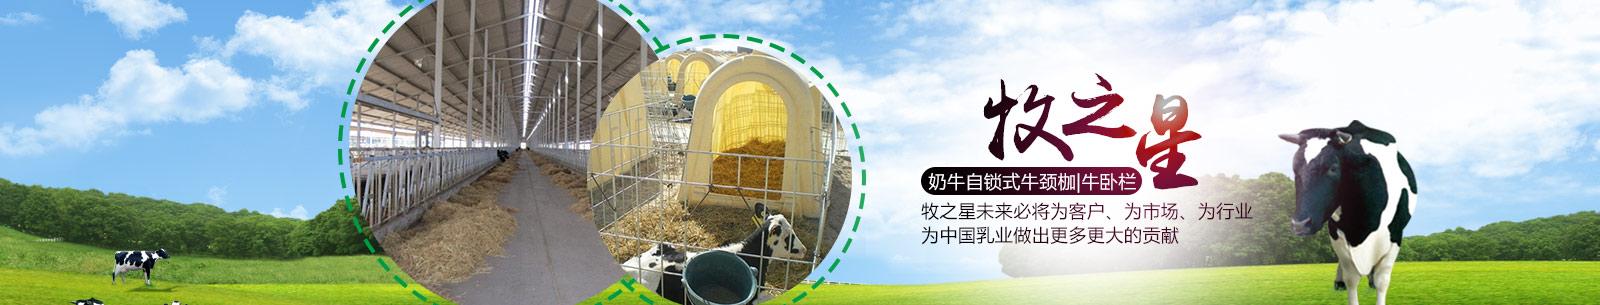 沧州牧之星畜牧机械有限公司